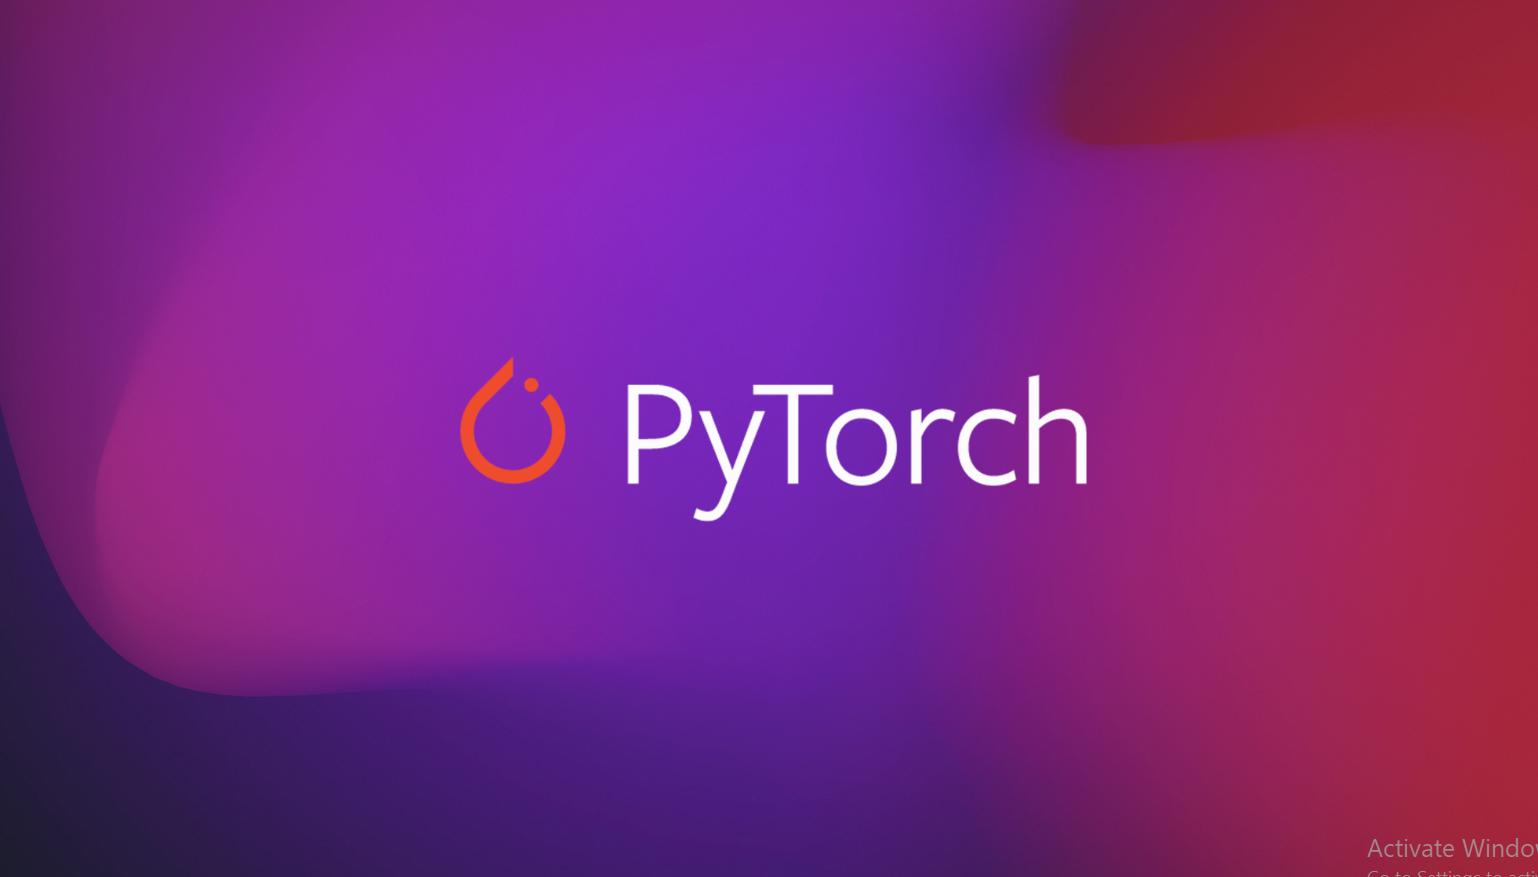 PYTORCH VS TENSORFLOW DEEP LEARNING